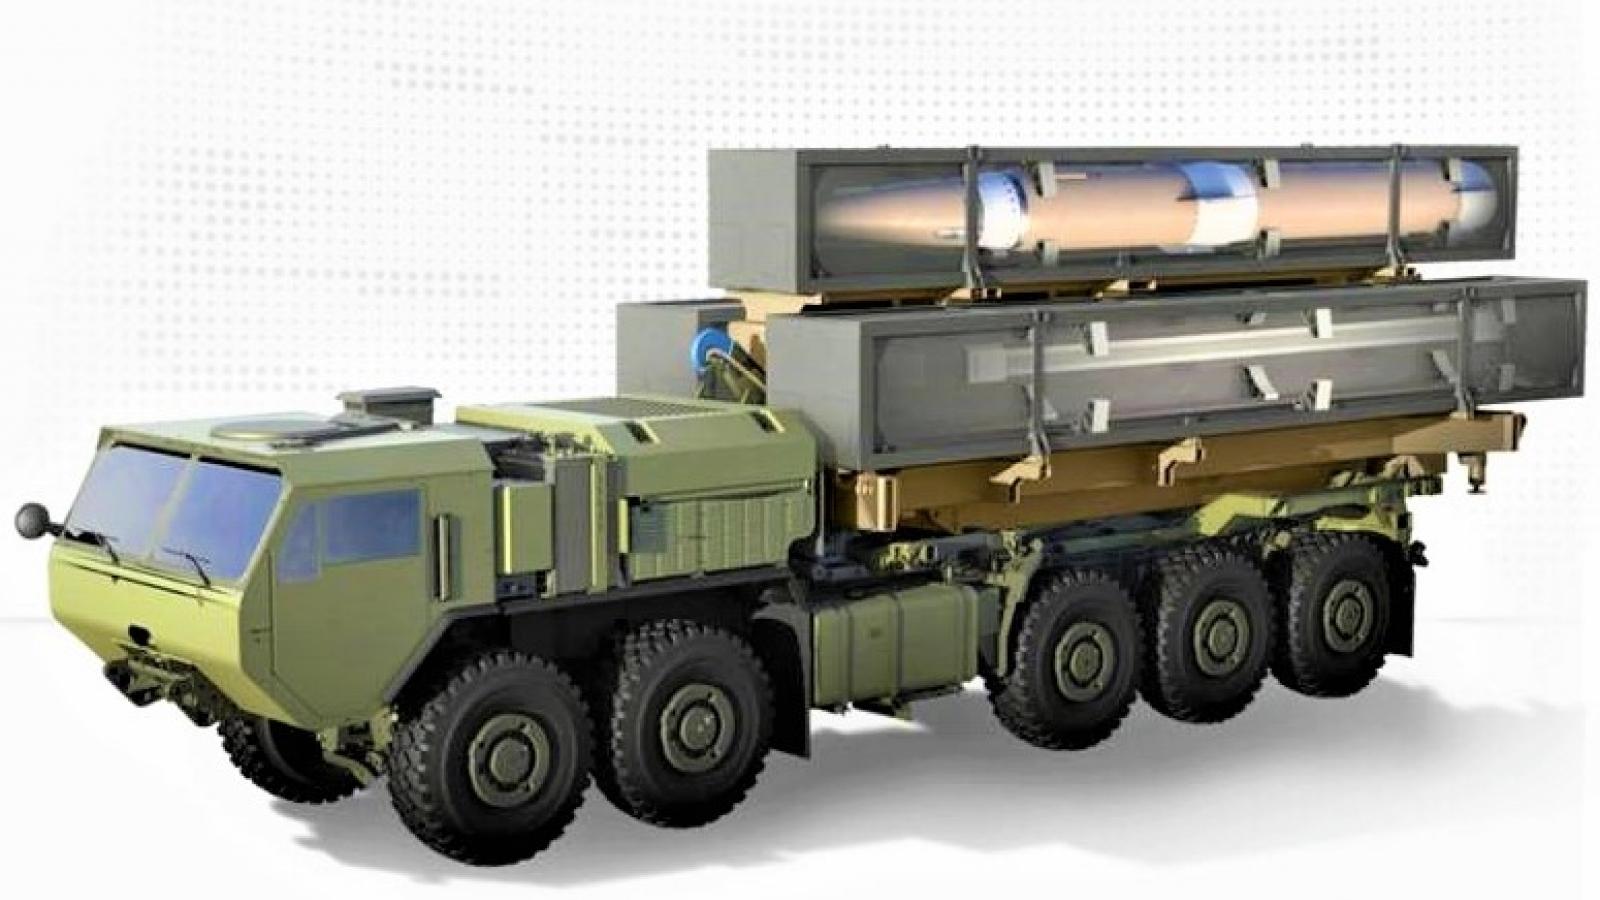 Mỹ phát triển hỏa lực chiến dịch OpFires bằng tên lửa siêu thanh dùng động cơ đặc biệt